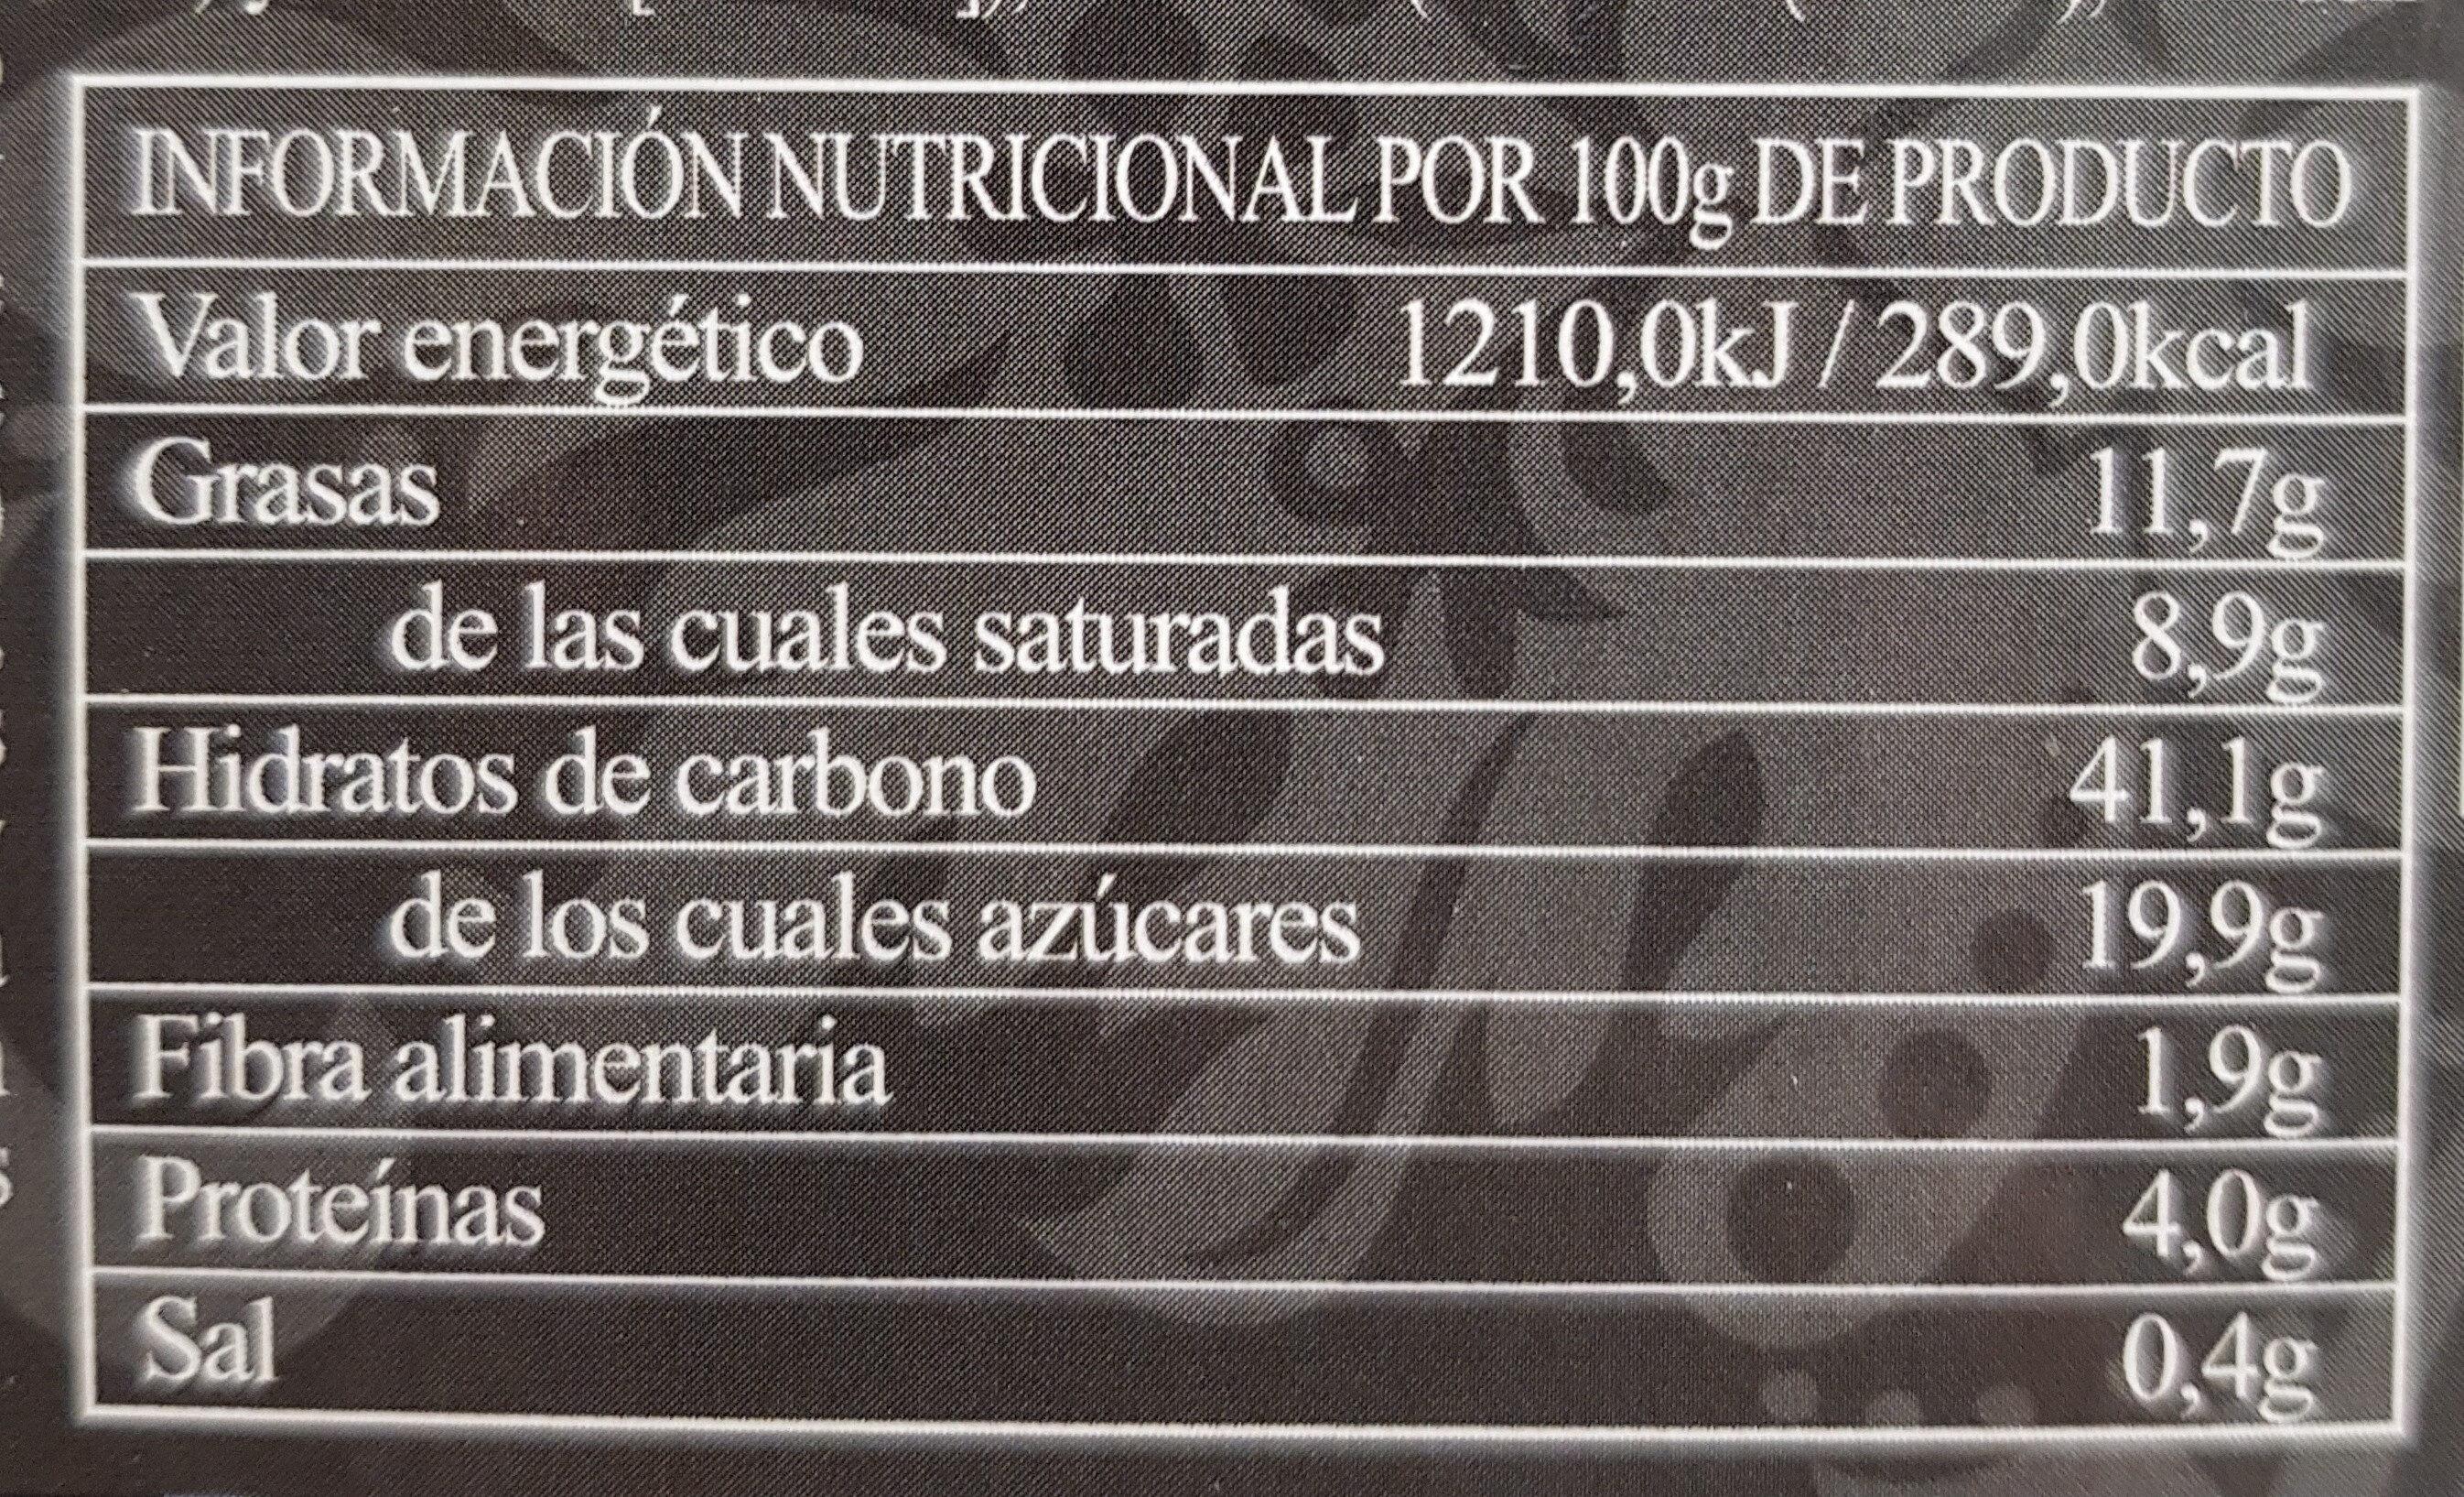 Roscón de reyes Gourmet - Información nutricional - es